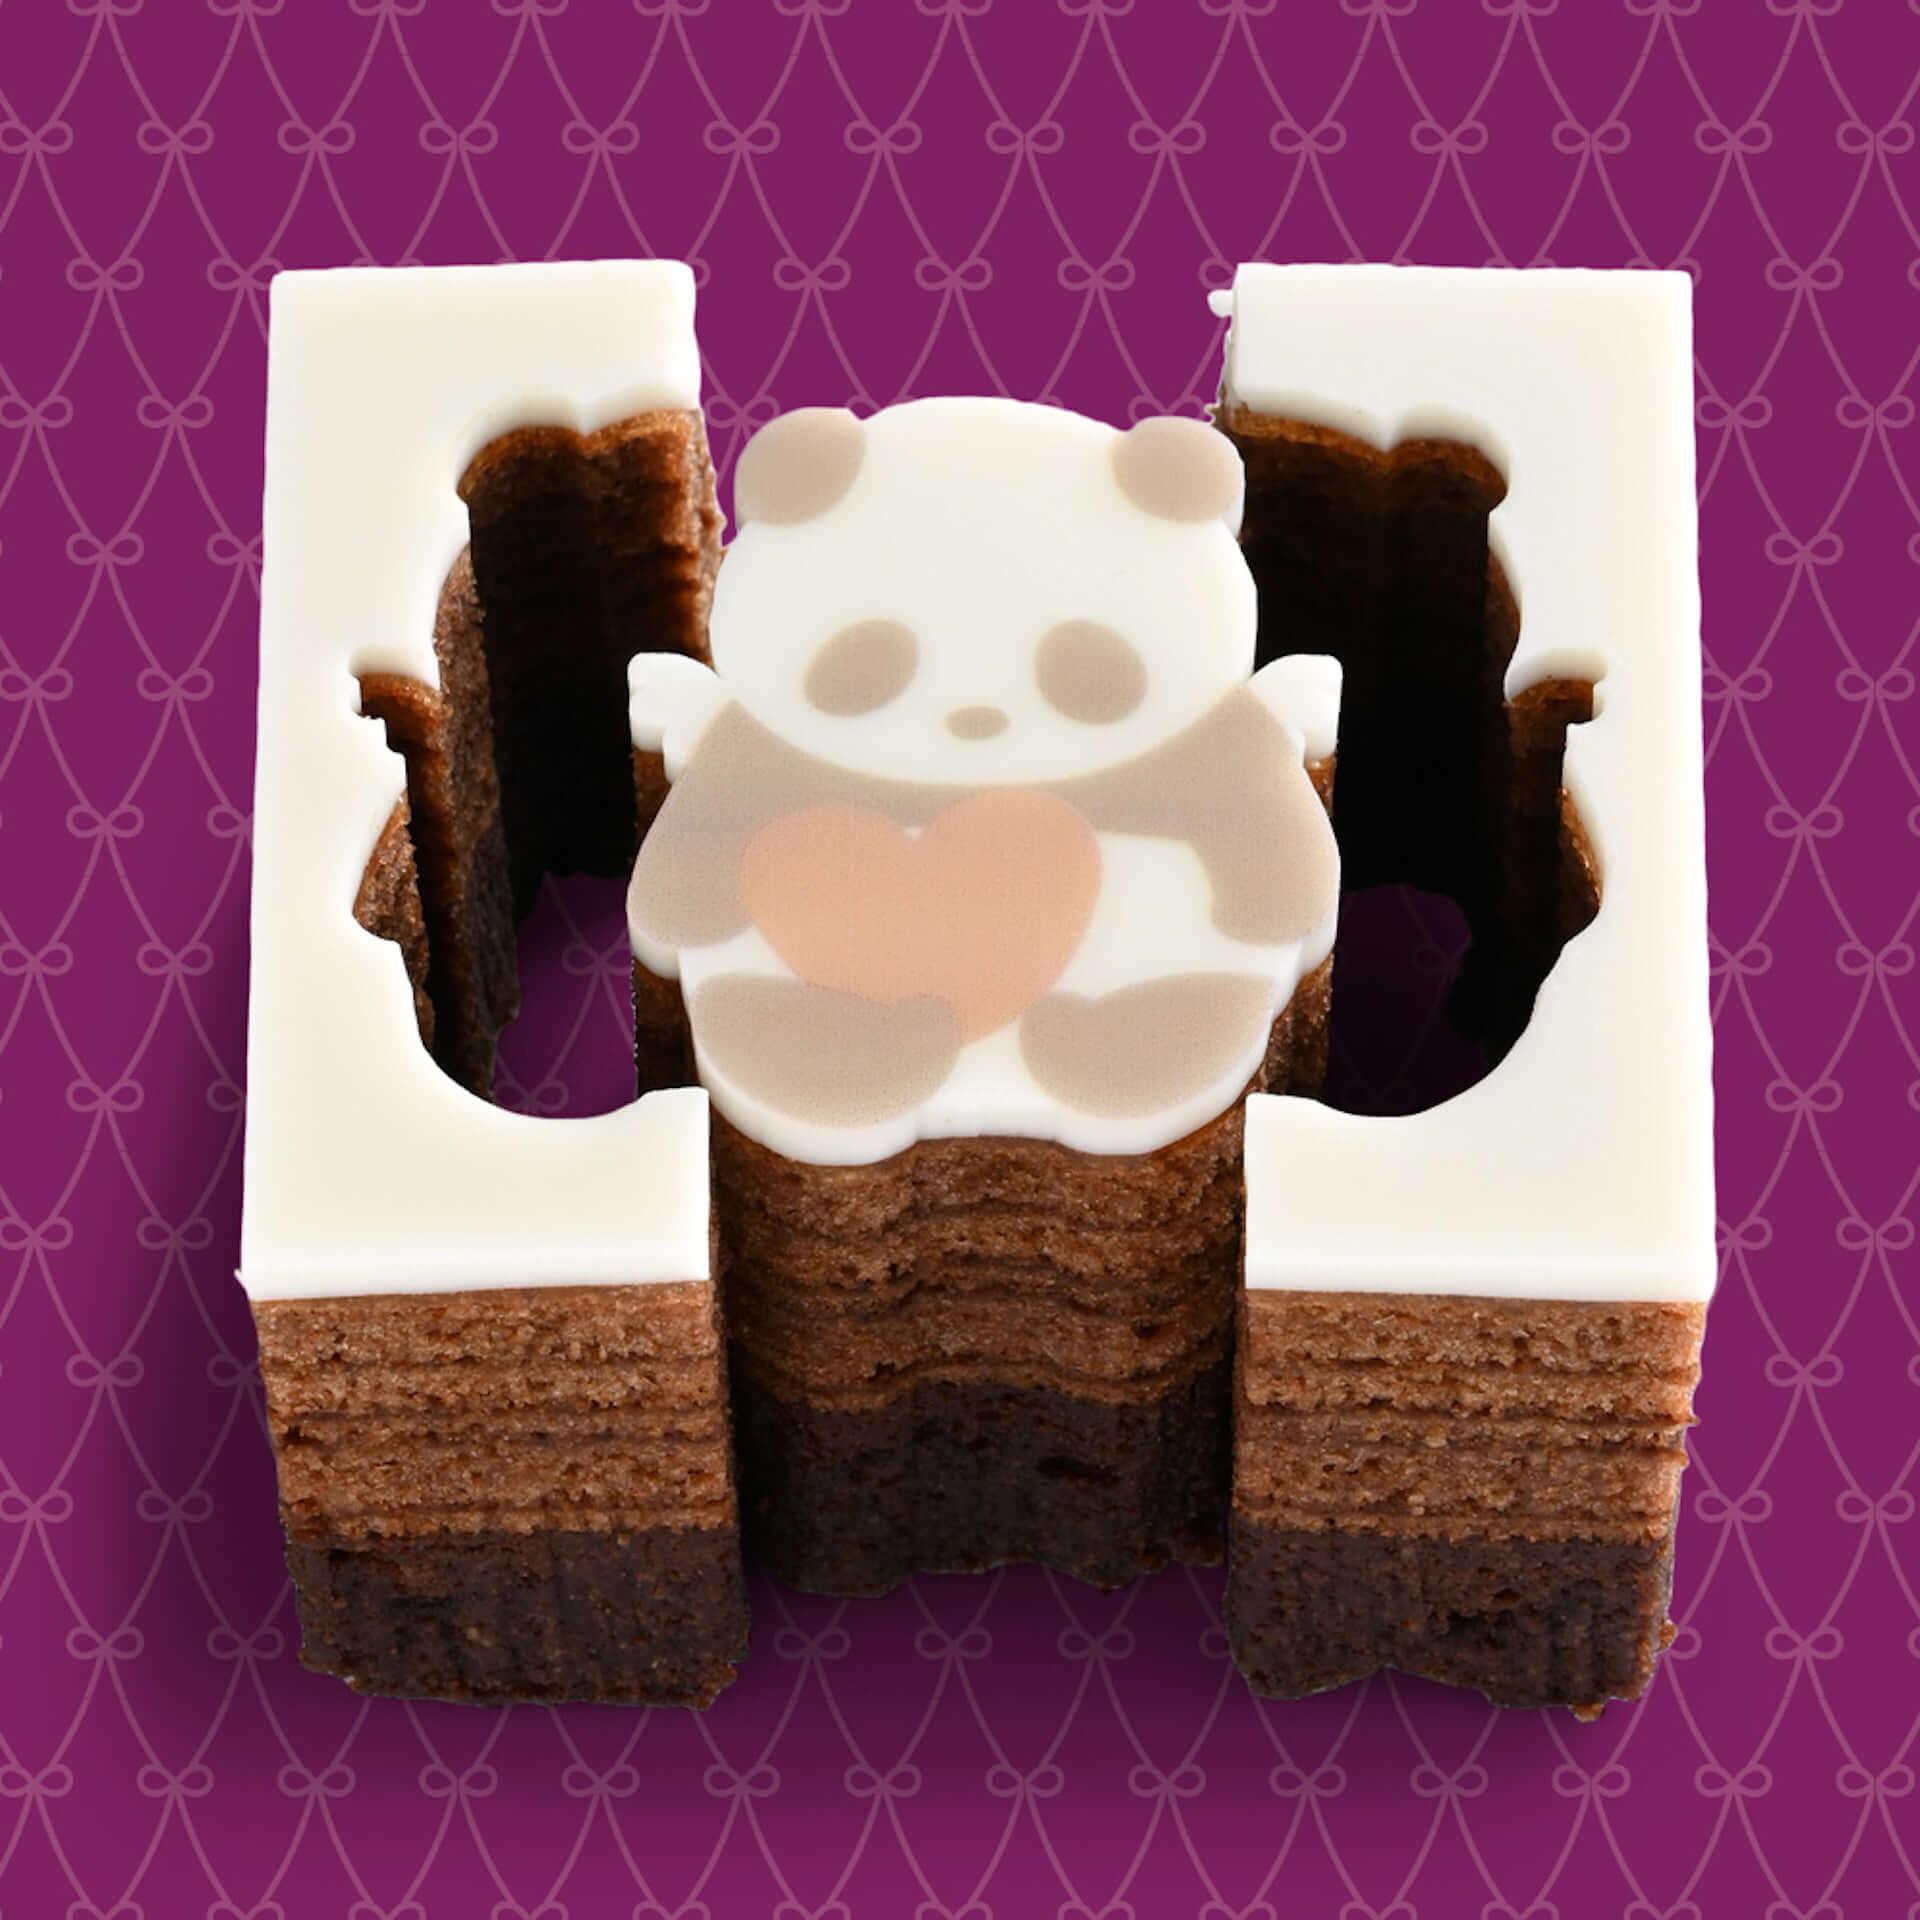 型ぬきができるバウムクーヘン『パンダバウム』にバレンタイン限定デザインが登場!ガトーショコラやココアバウムなど全3種が発売 gourmet210121_katanuki-ya_7-1920x1920